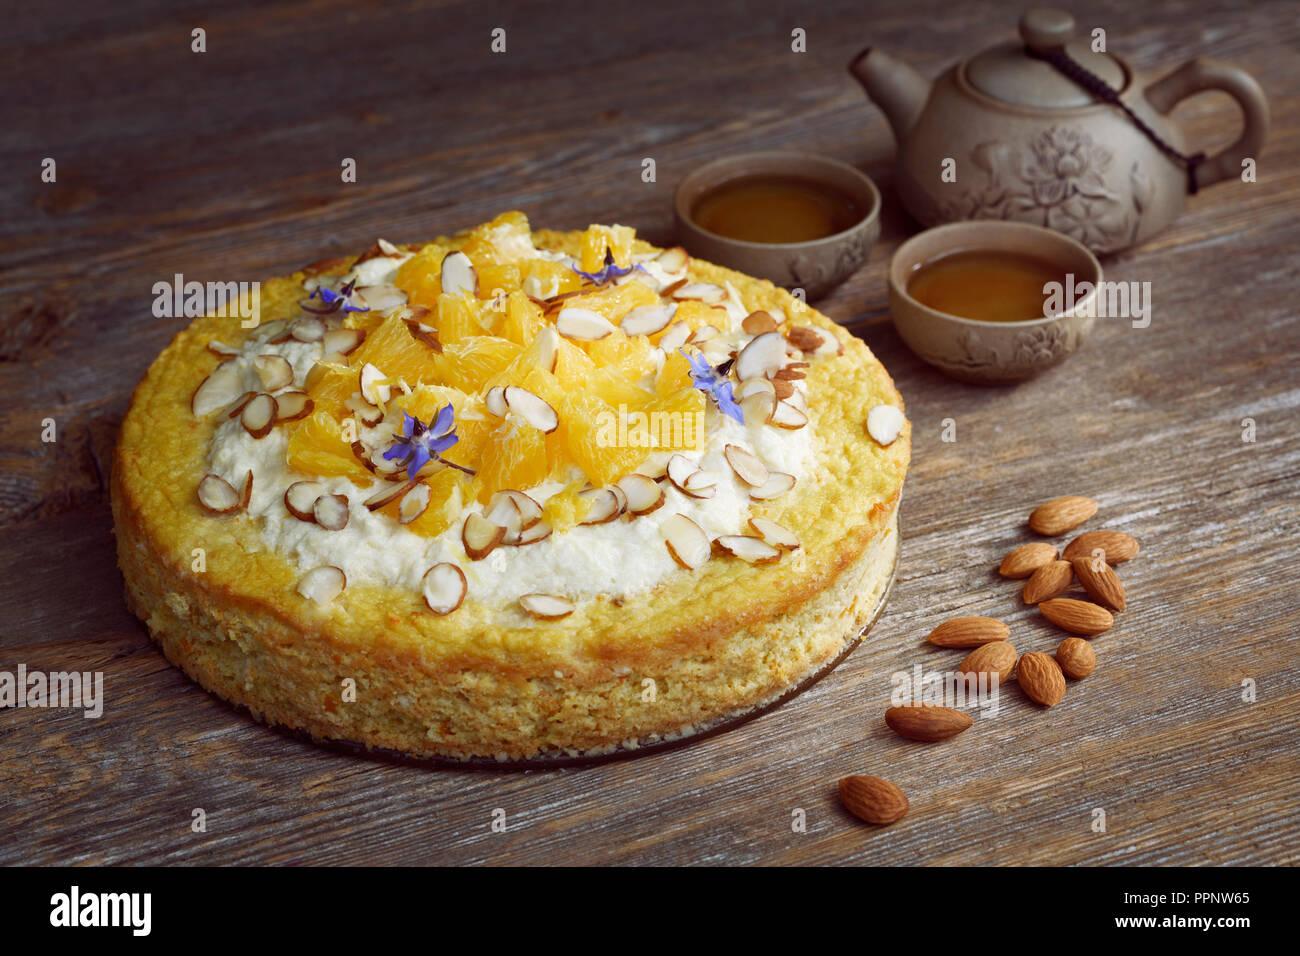 Gesundes Zuhause Flourless Zuckerfrei Milchfrei Vegan Kuchen Aus